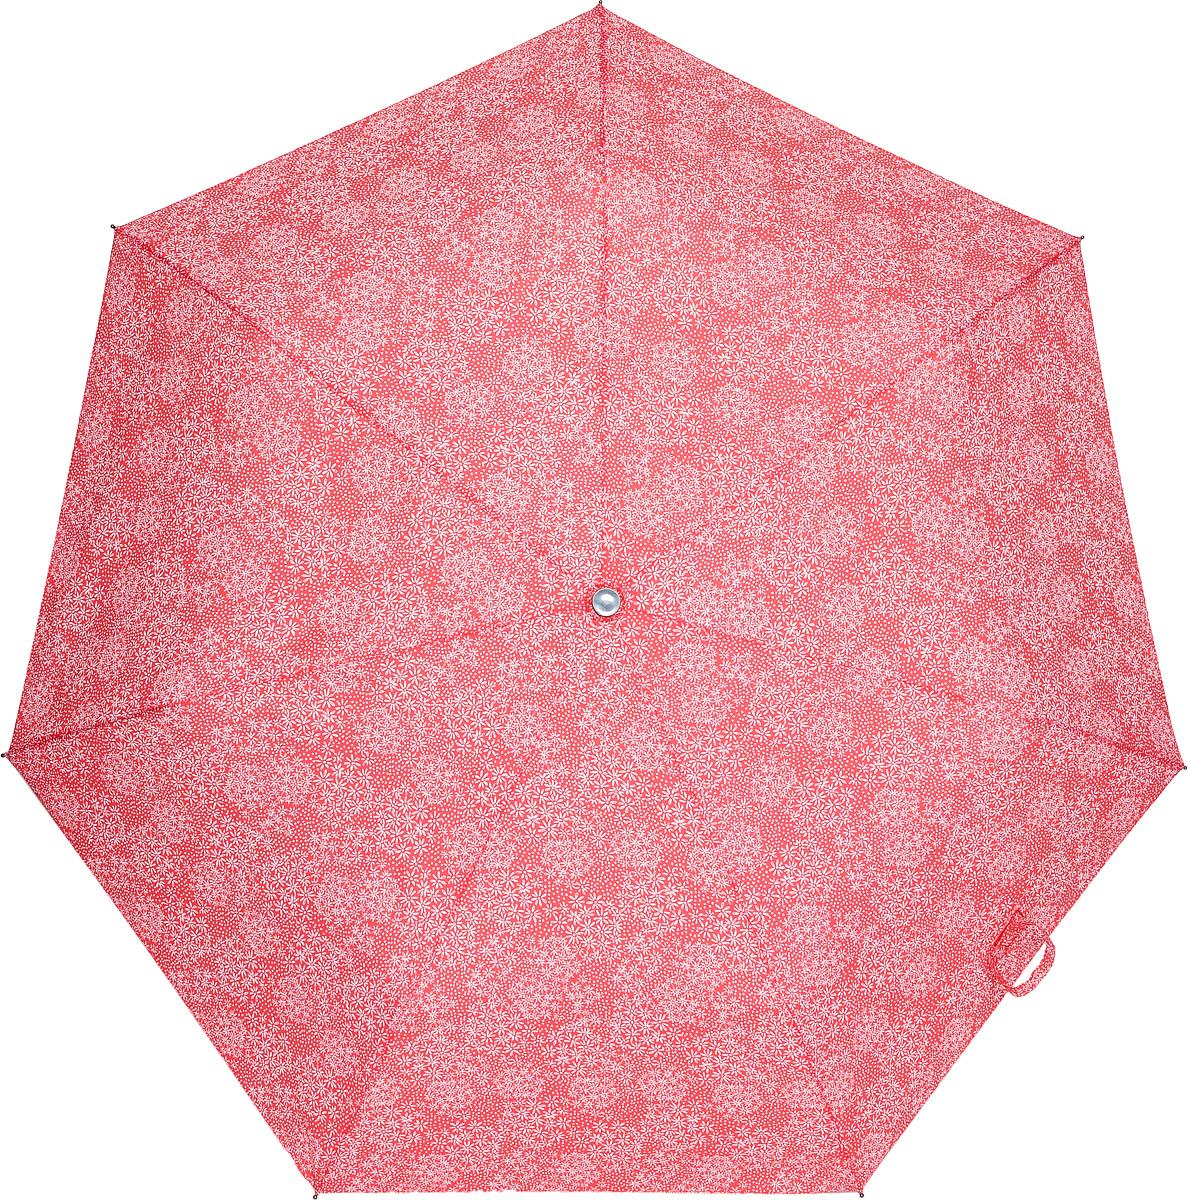 C-Collection 534-1 Зонт полный автом. 3 сл. жен.534-1Зонт испанского производителя Clima. В производстве зонтов используются современные материалы, что делает зонты легкими, но в то же время крепкими.Полный автомат, 3 сложения, 7 спиц, полиэстер.